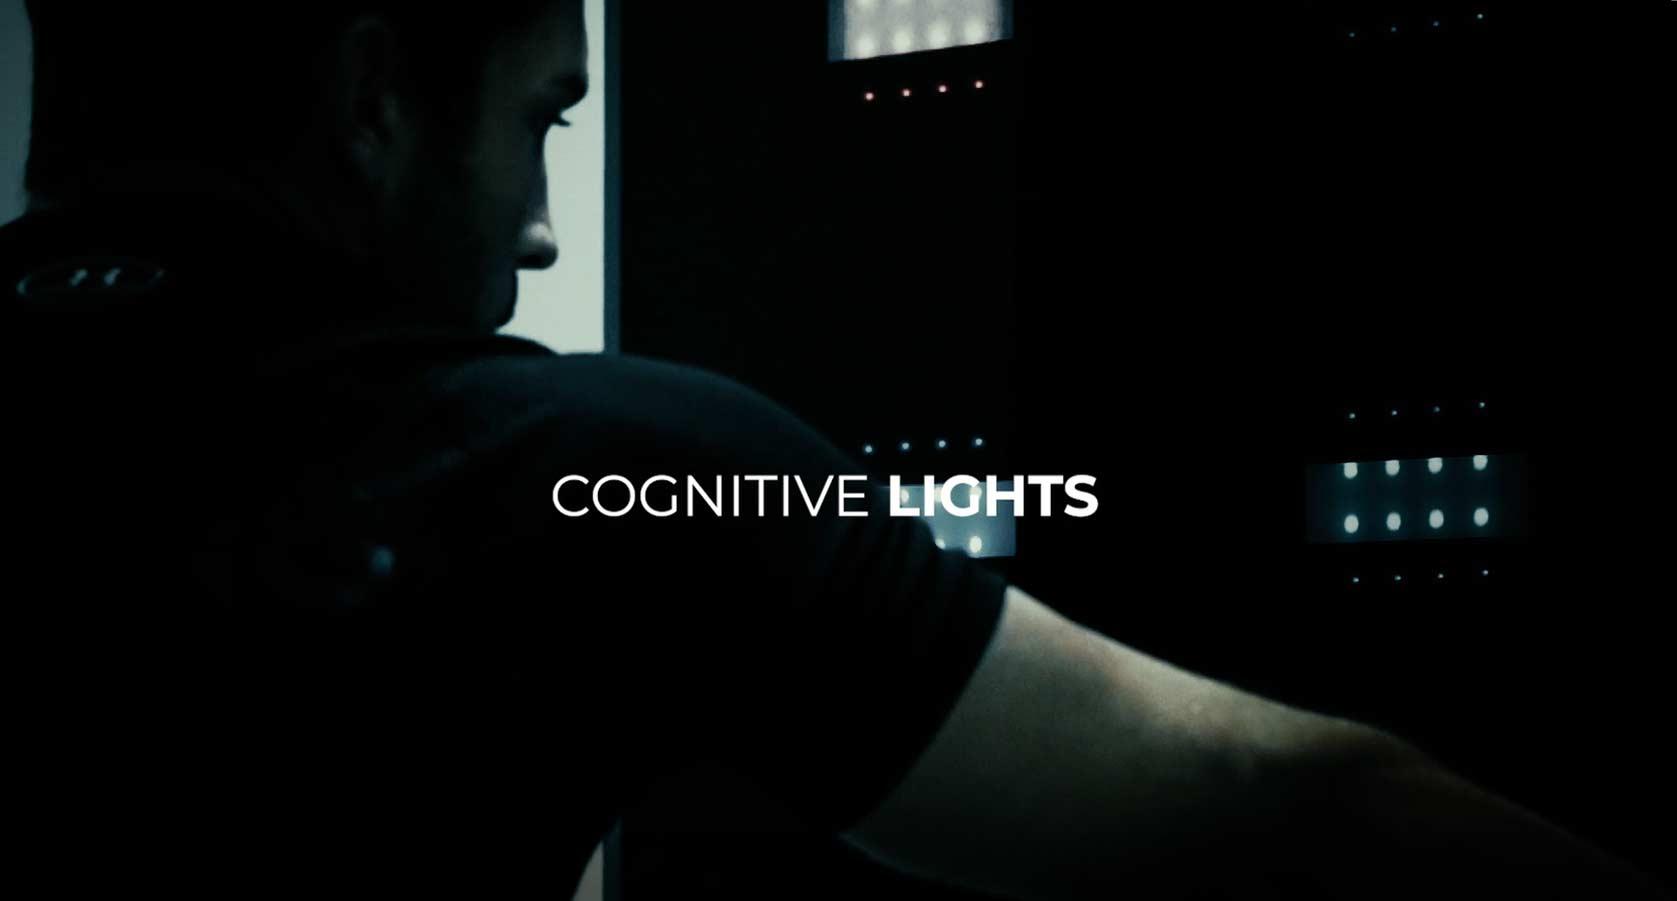 Cognitive Lights